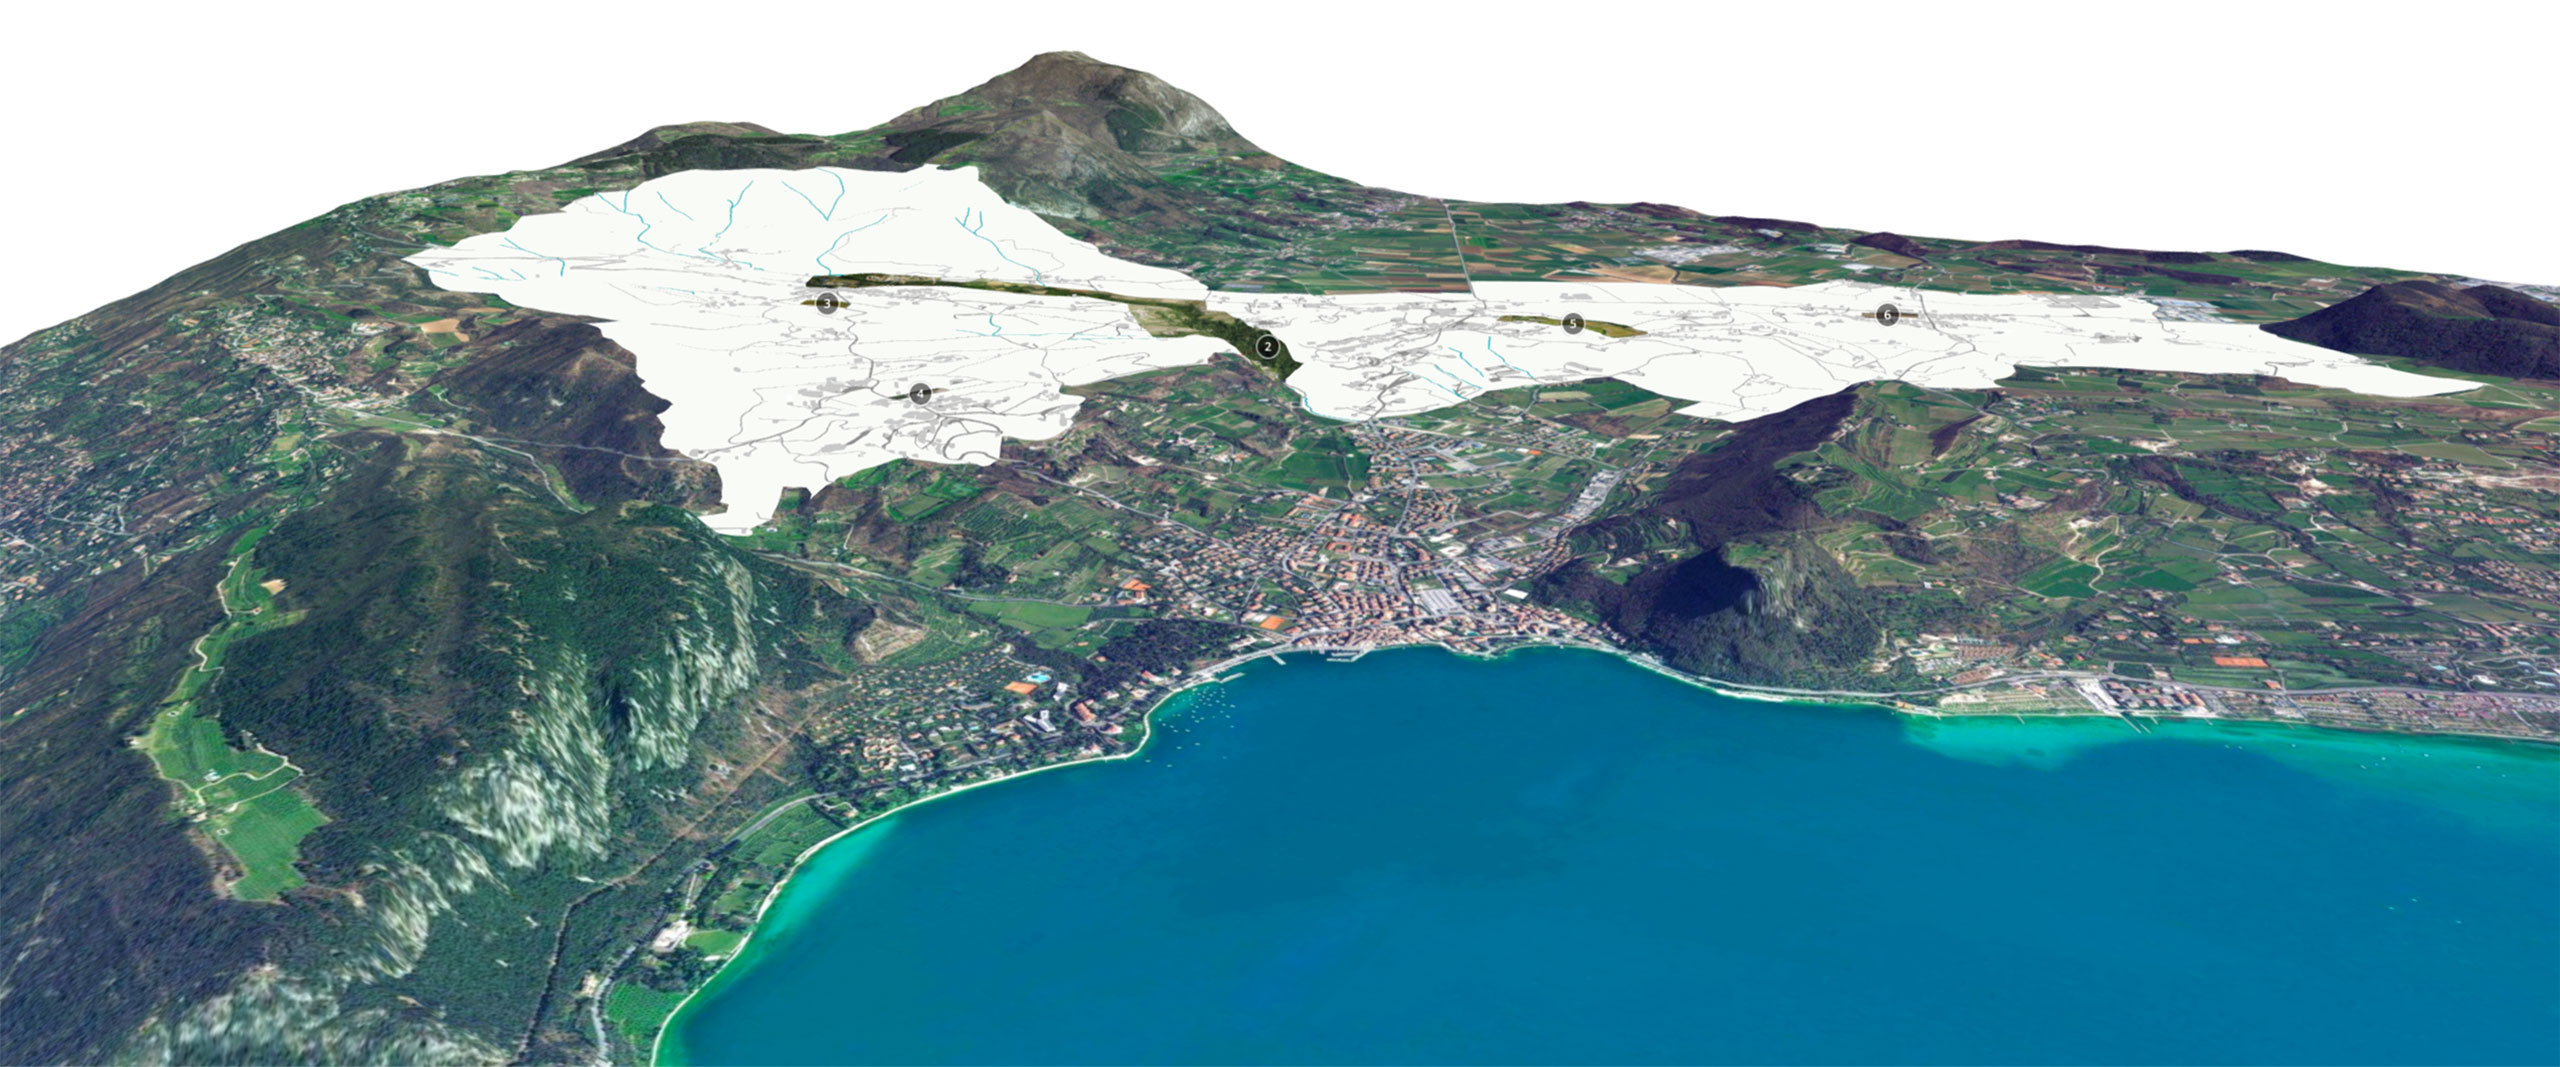 Aree e progetti preliminari. - 3D | Comune di Costermano sul Garda (Verona).